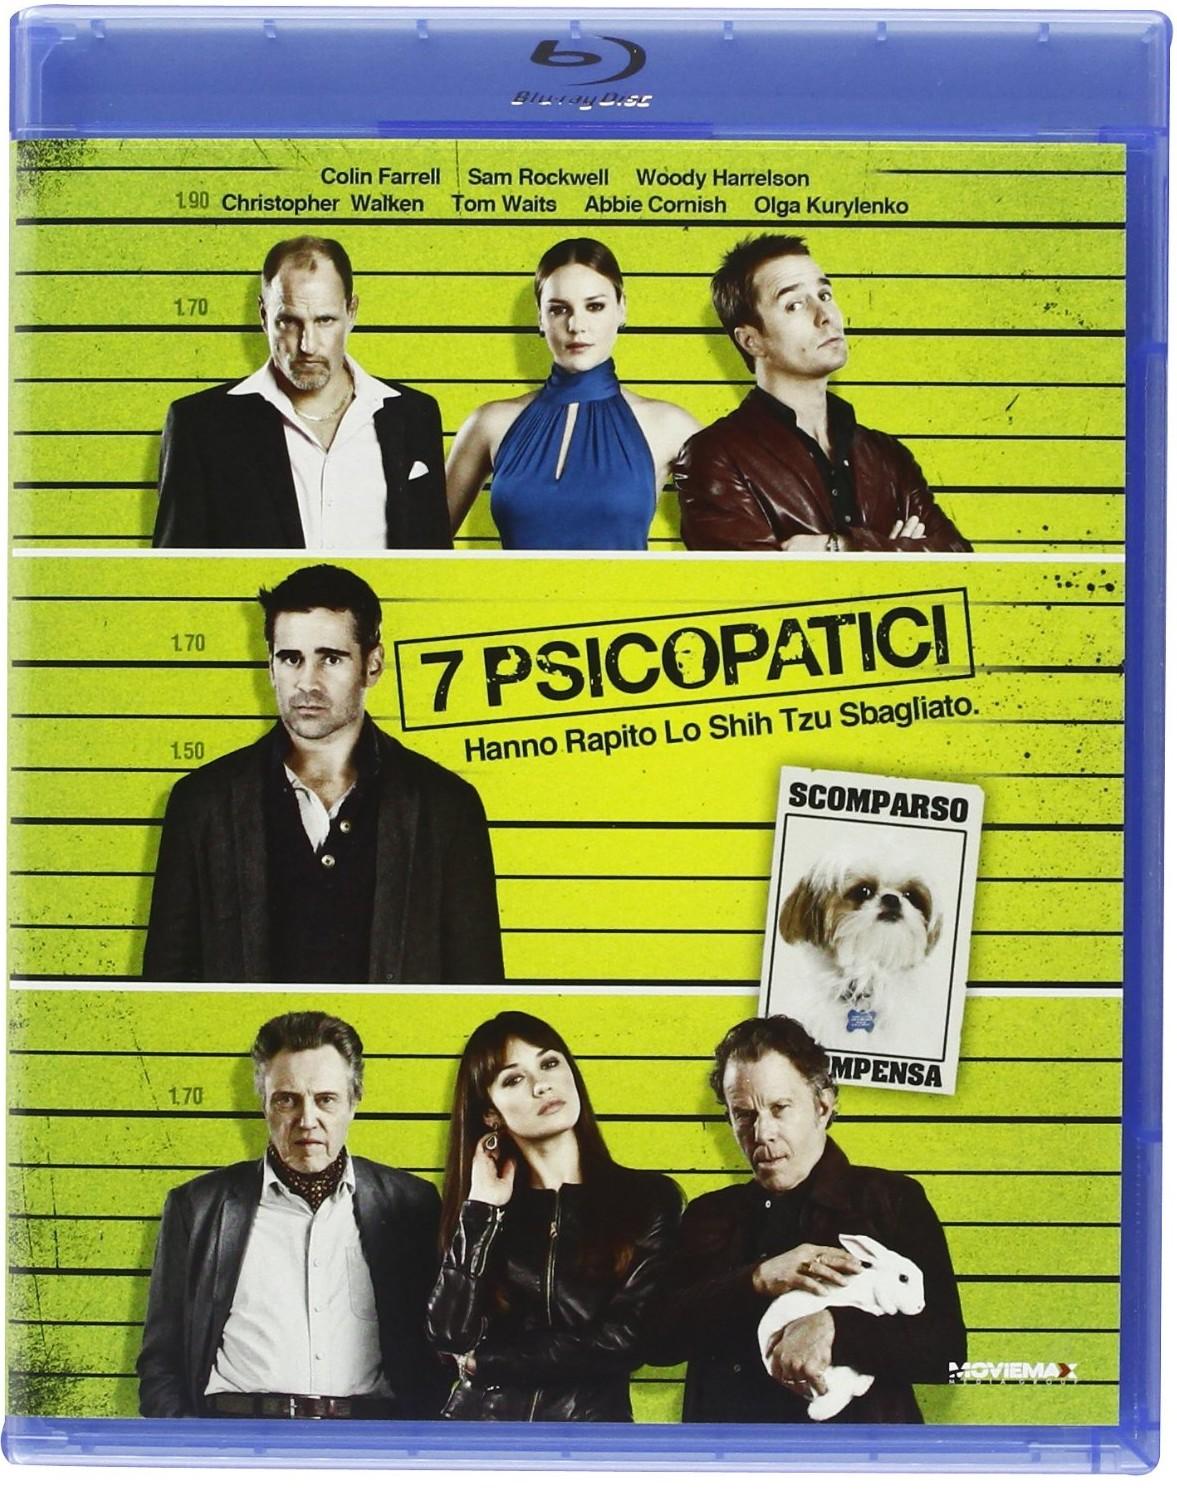 7 psicopatici blu-ray